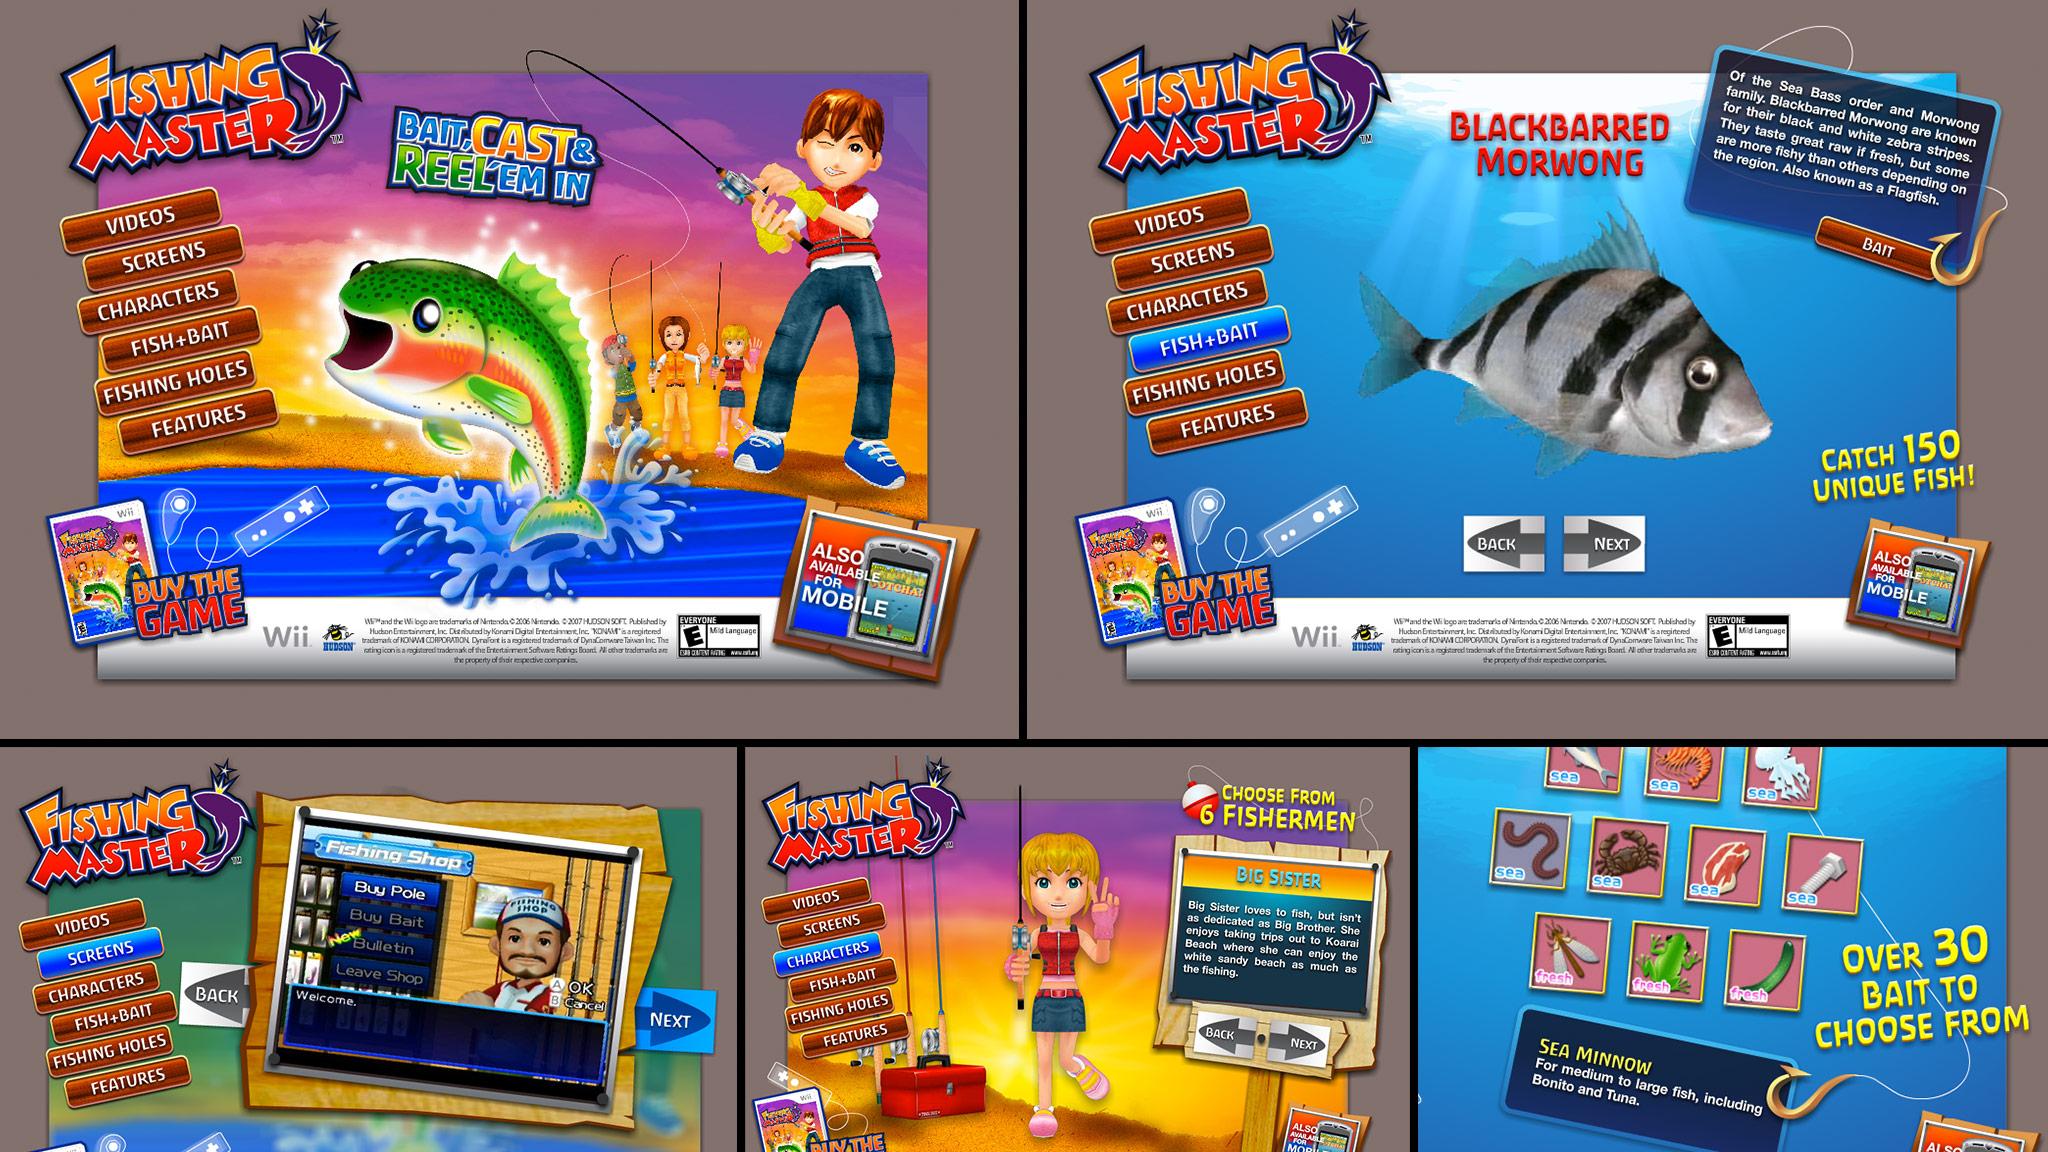 Web_FishingMaster.jpg